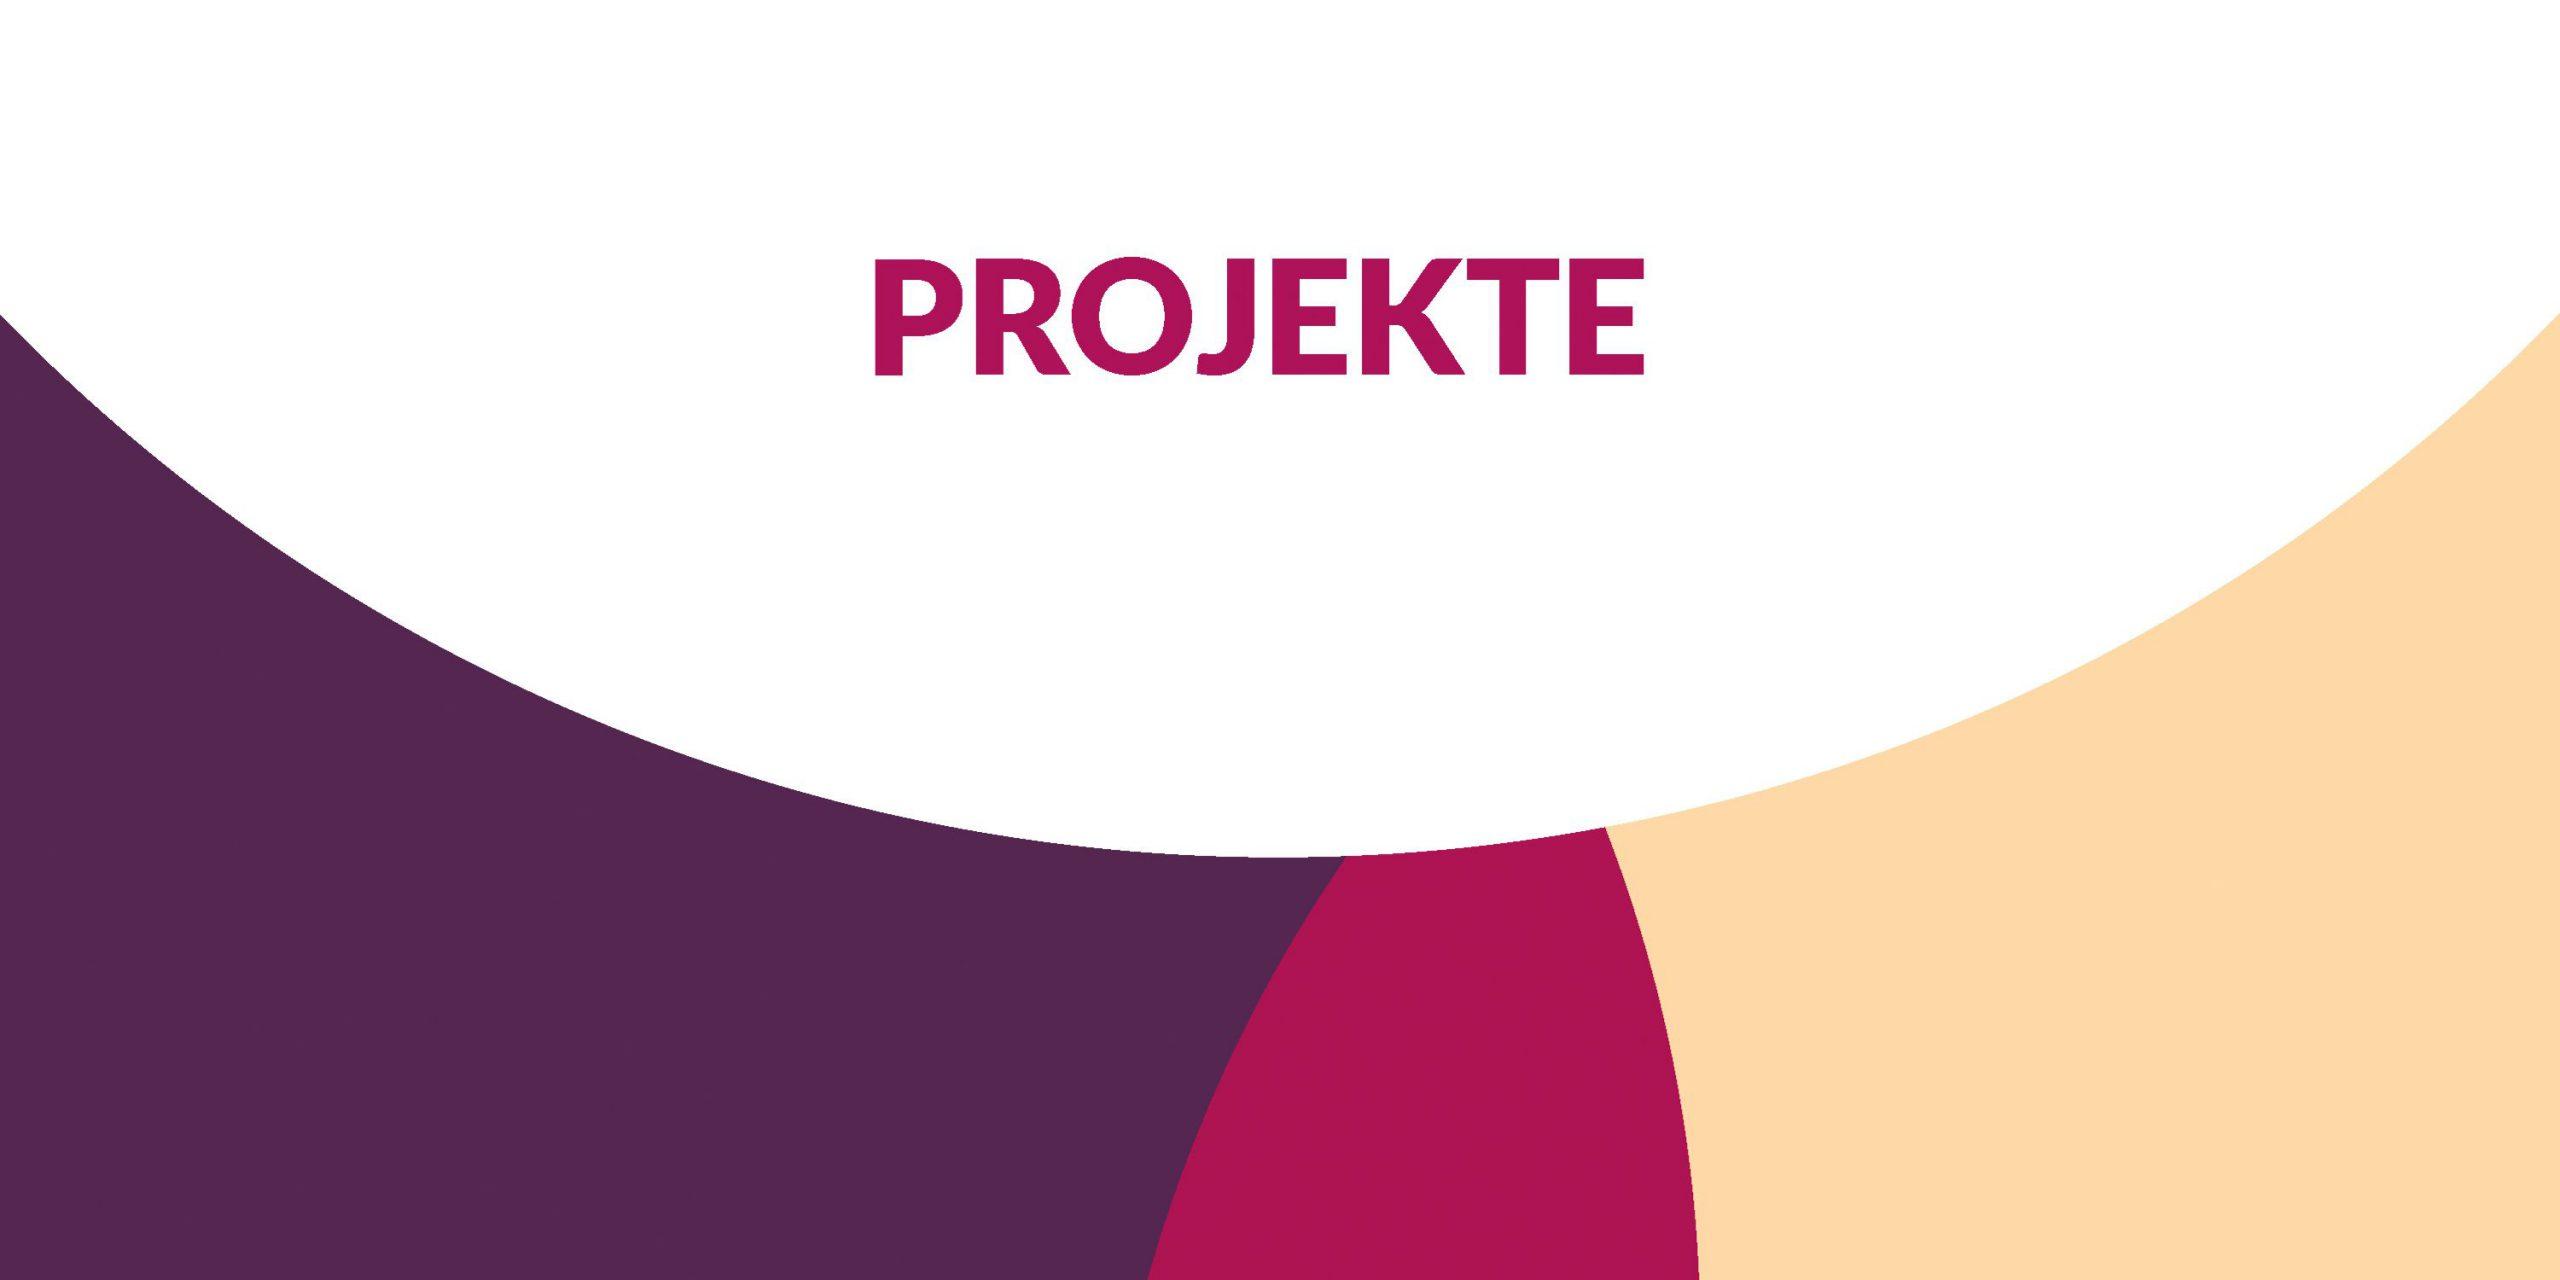 Kopf Projekte Frauenzentrum Bautzen